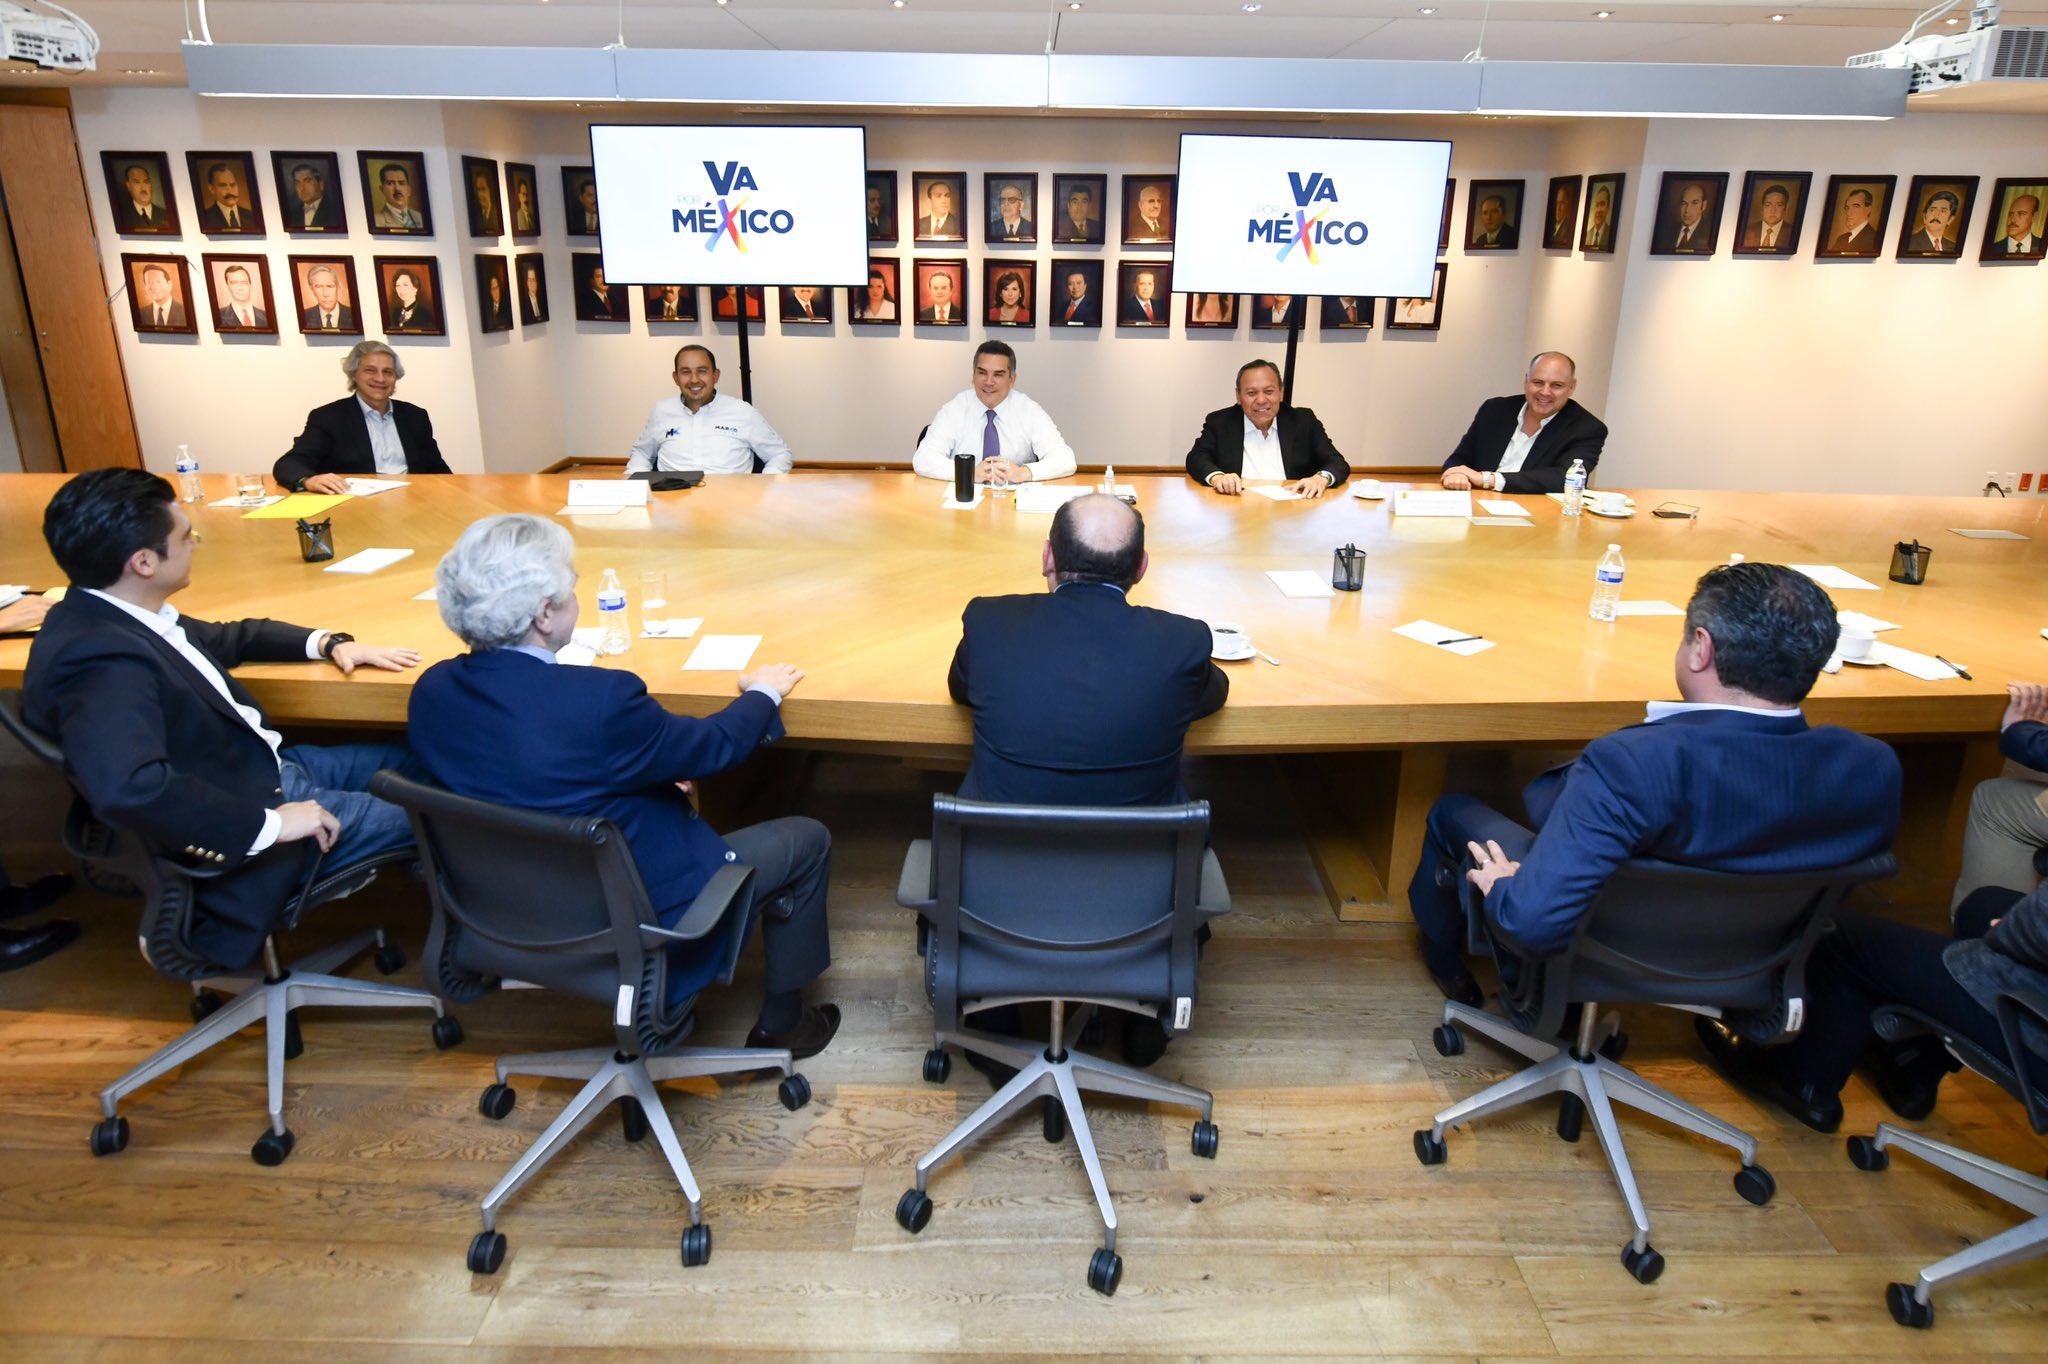 Los líderes de partidos de oposición, PRI, PAN, PRD, se reúnen con los empresarios Gustavo de Hoyos y Claudio X. González.